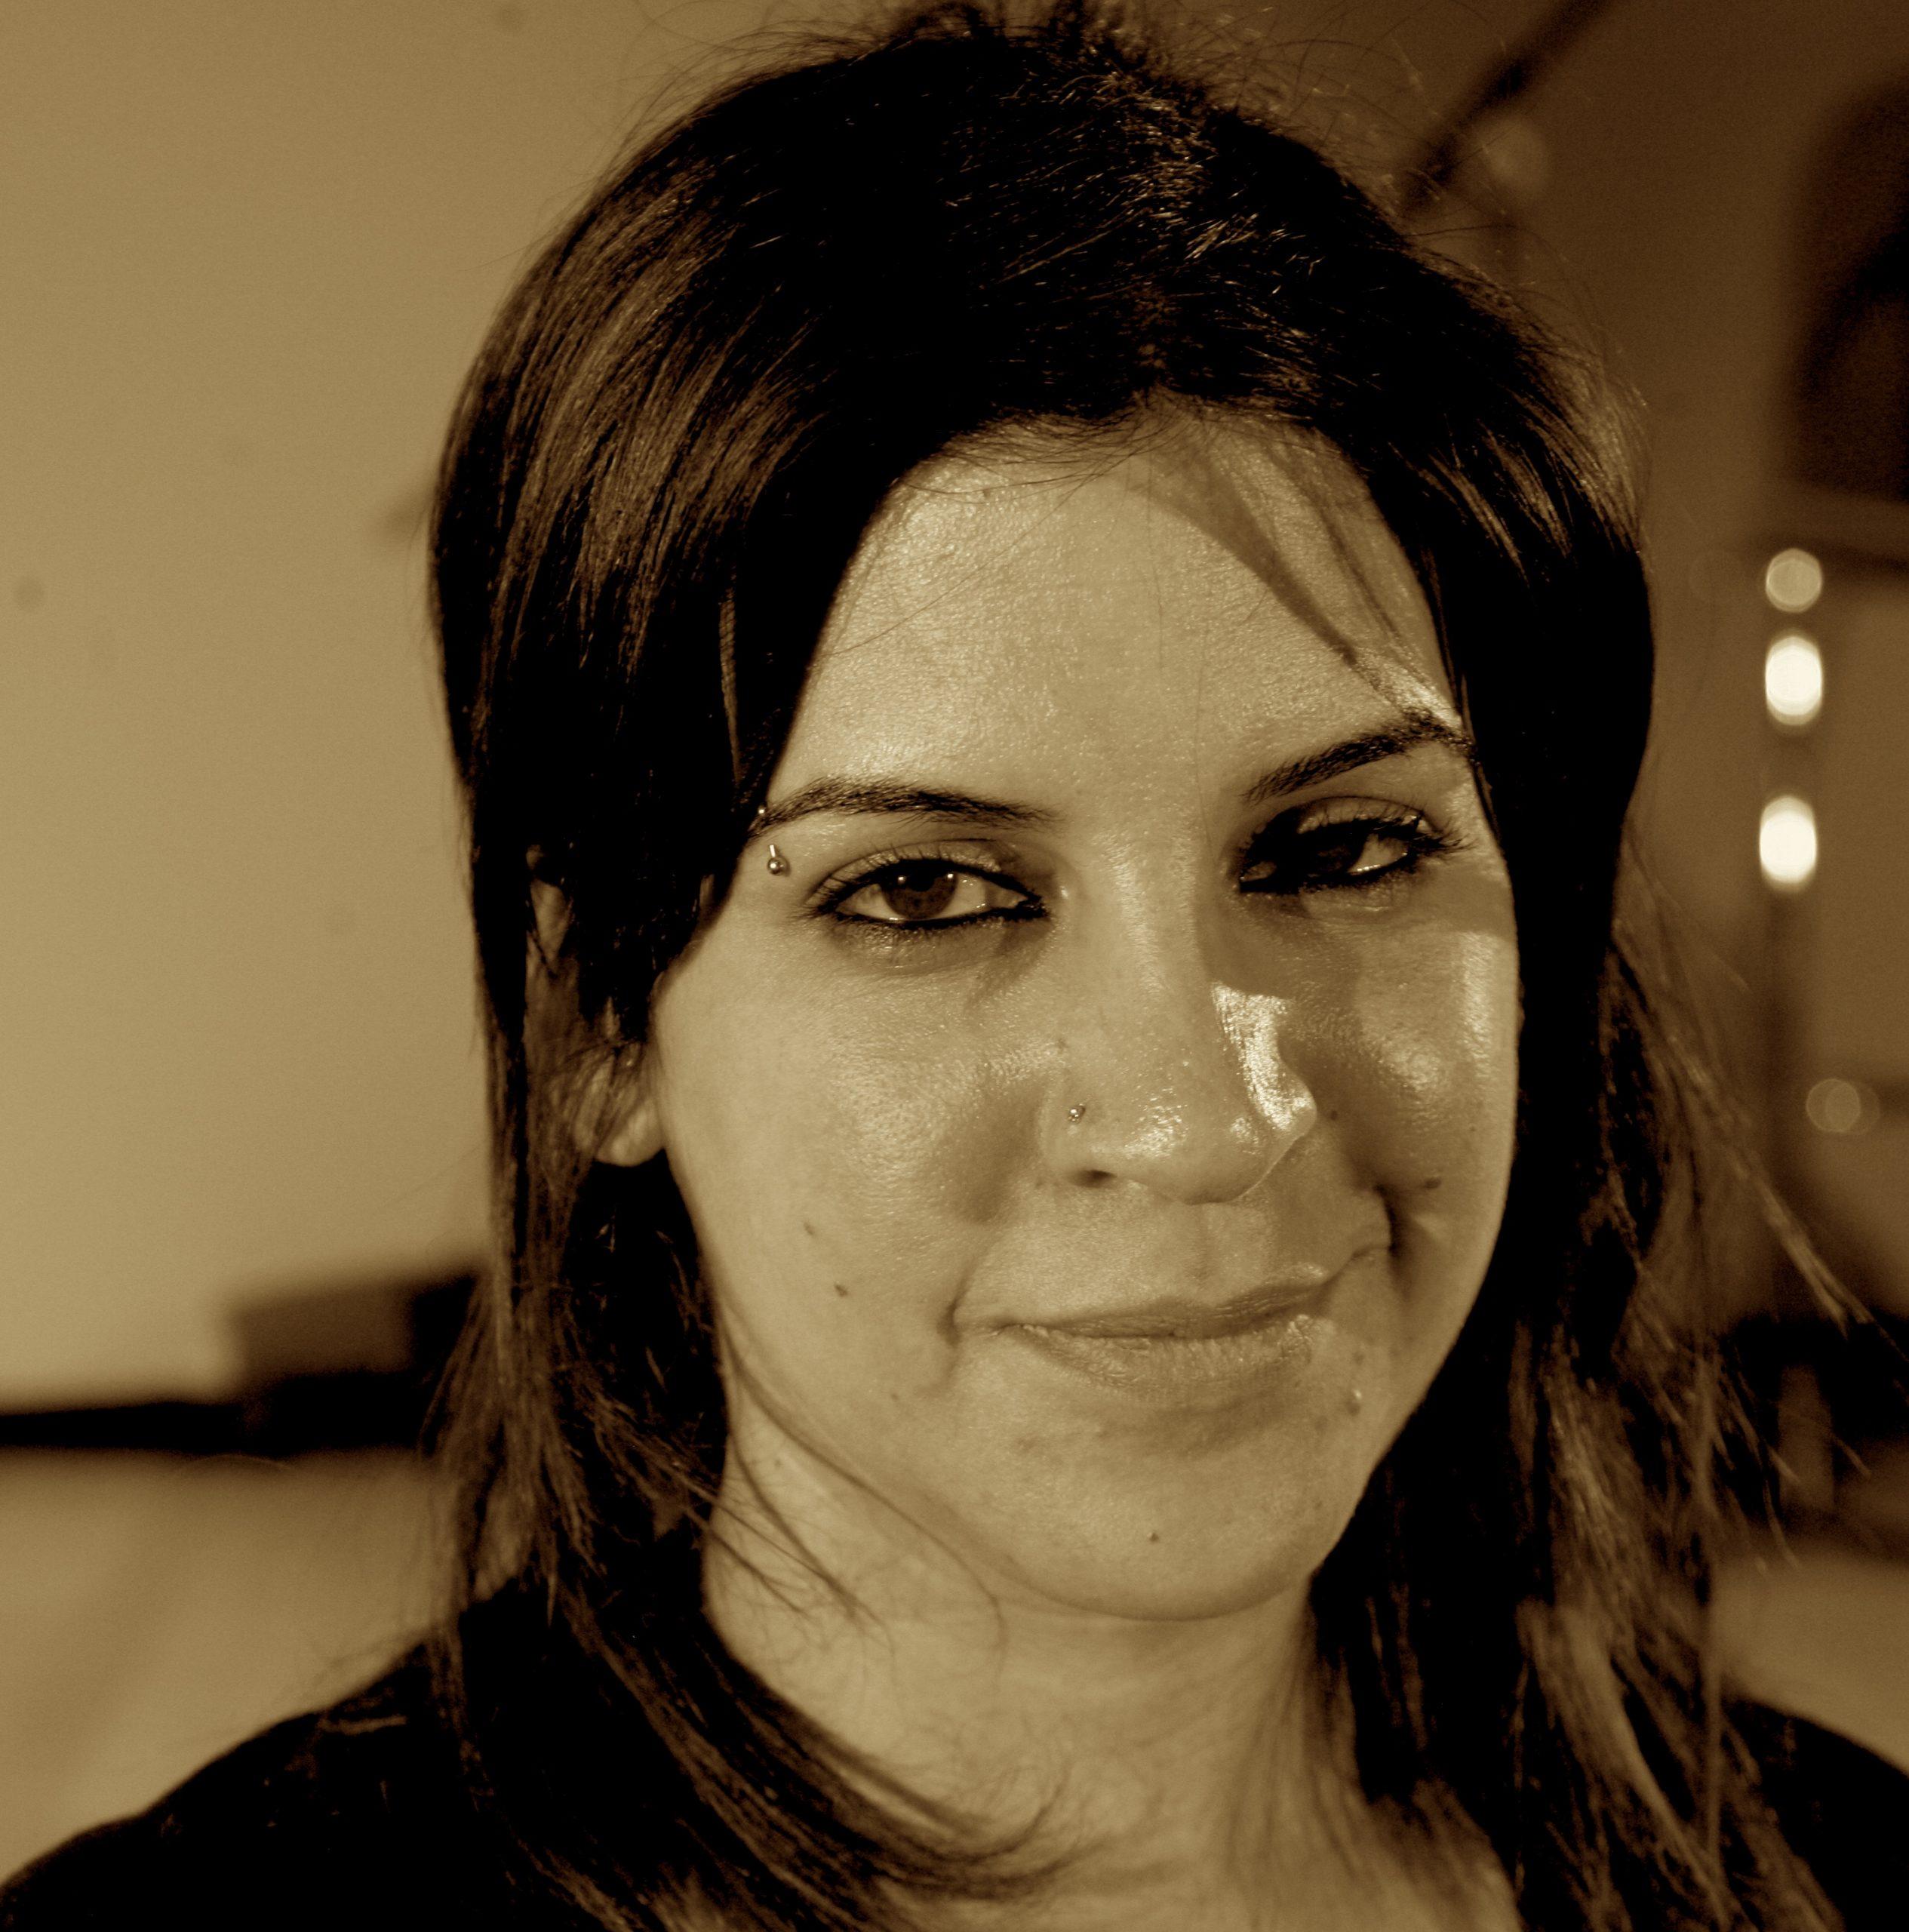 La Scrittura Come Rivoluzione, Conversazione Con Lina Ben Mhenni, Scomparsa A 36 Anni